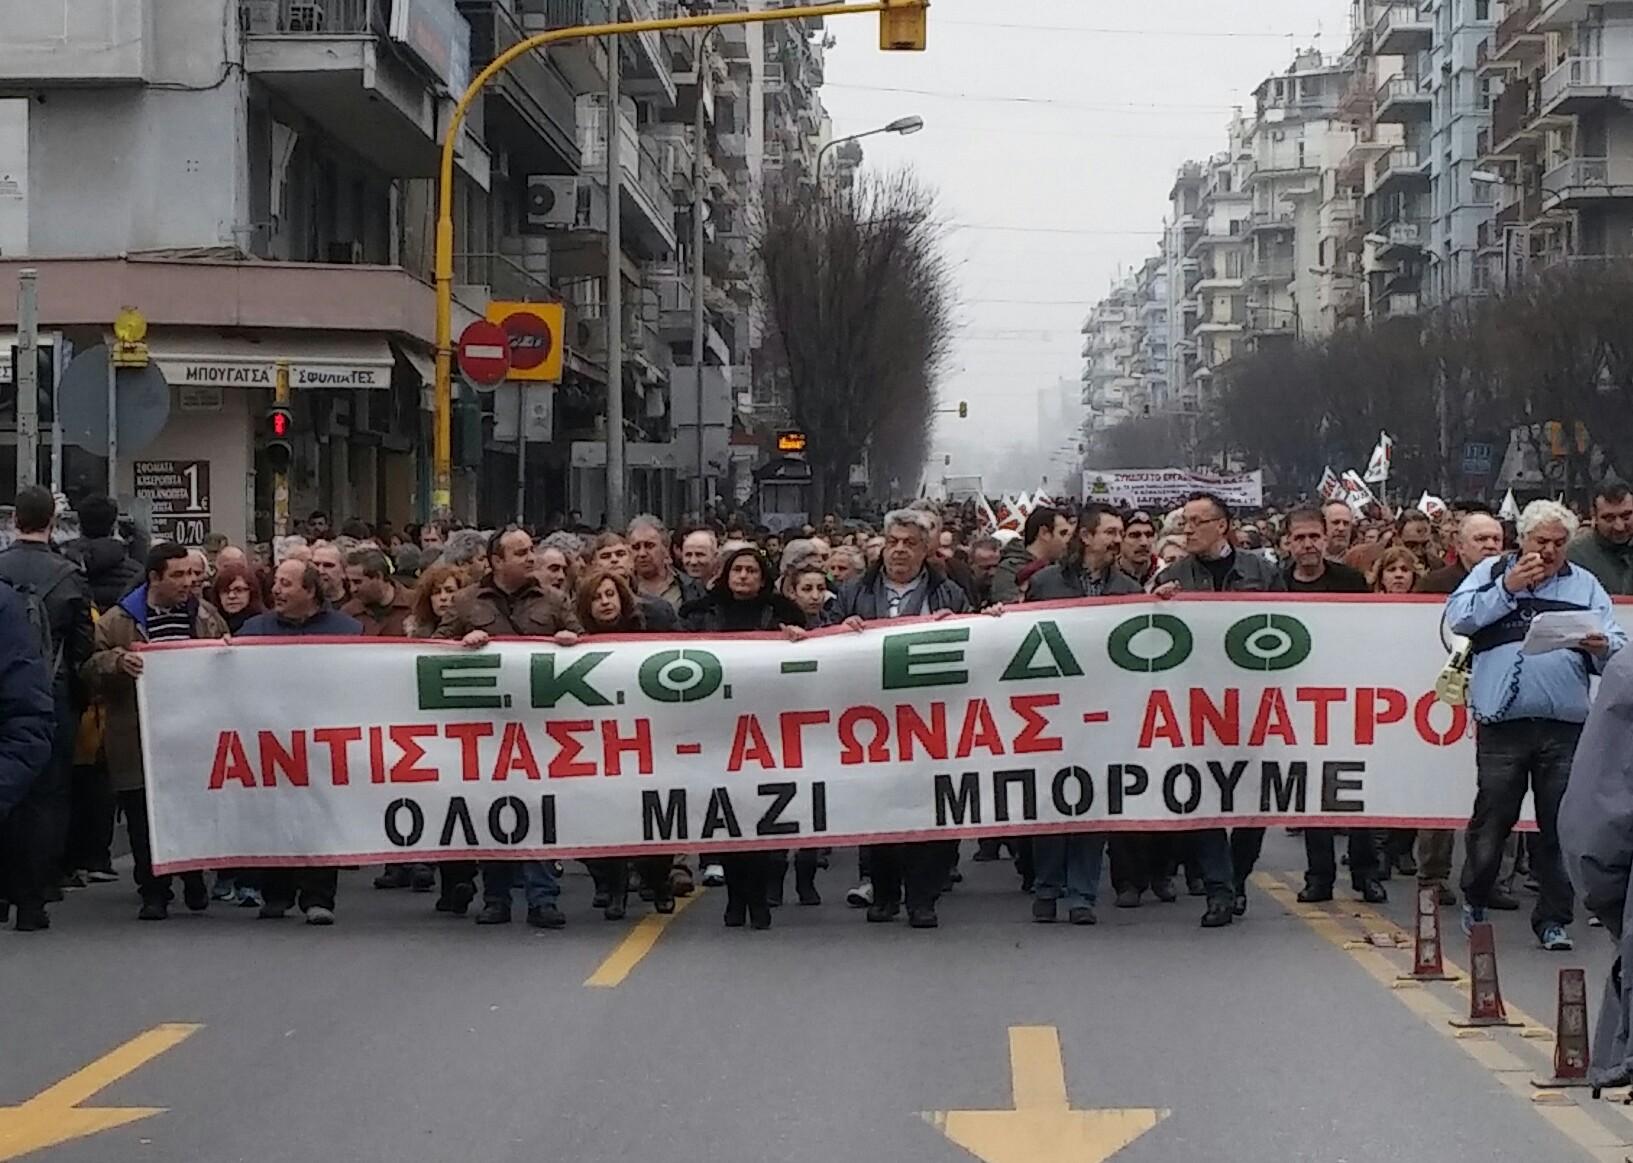 48ωρη γενική απεργία ενάντια στο καταστροφικό ασφαλιστικό -φορολογικό νομοσχέδιο και τις δίχως προηγούμενο τακτικές της κυβέρνησης Συγκέντρωση διαμαρτυρίας  Κυριακή  8/5/2016  11:00 μπροστά στο Ε.Κ.Θ.